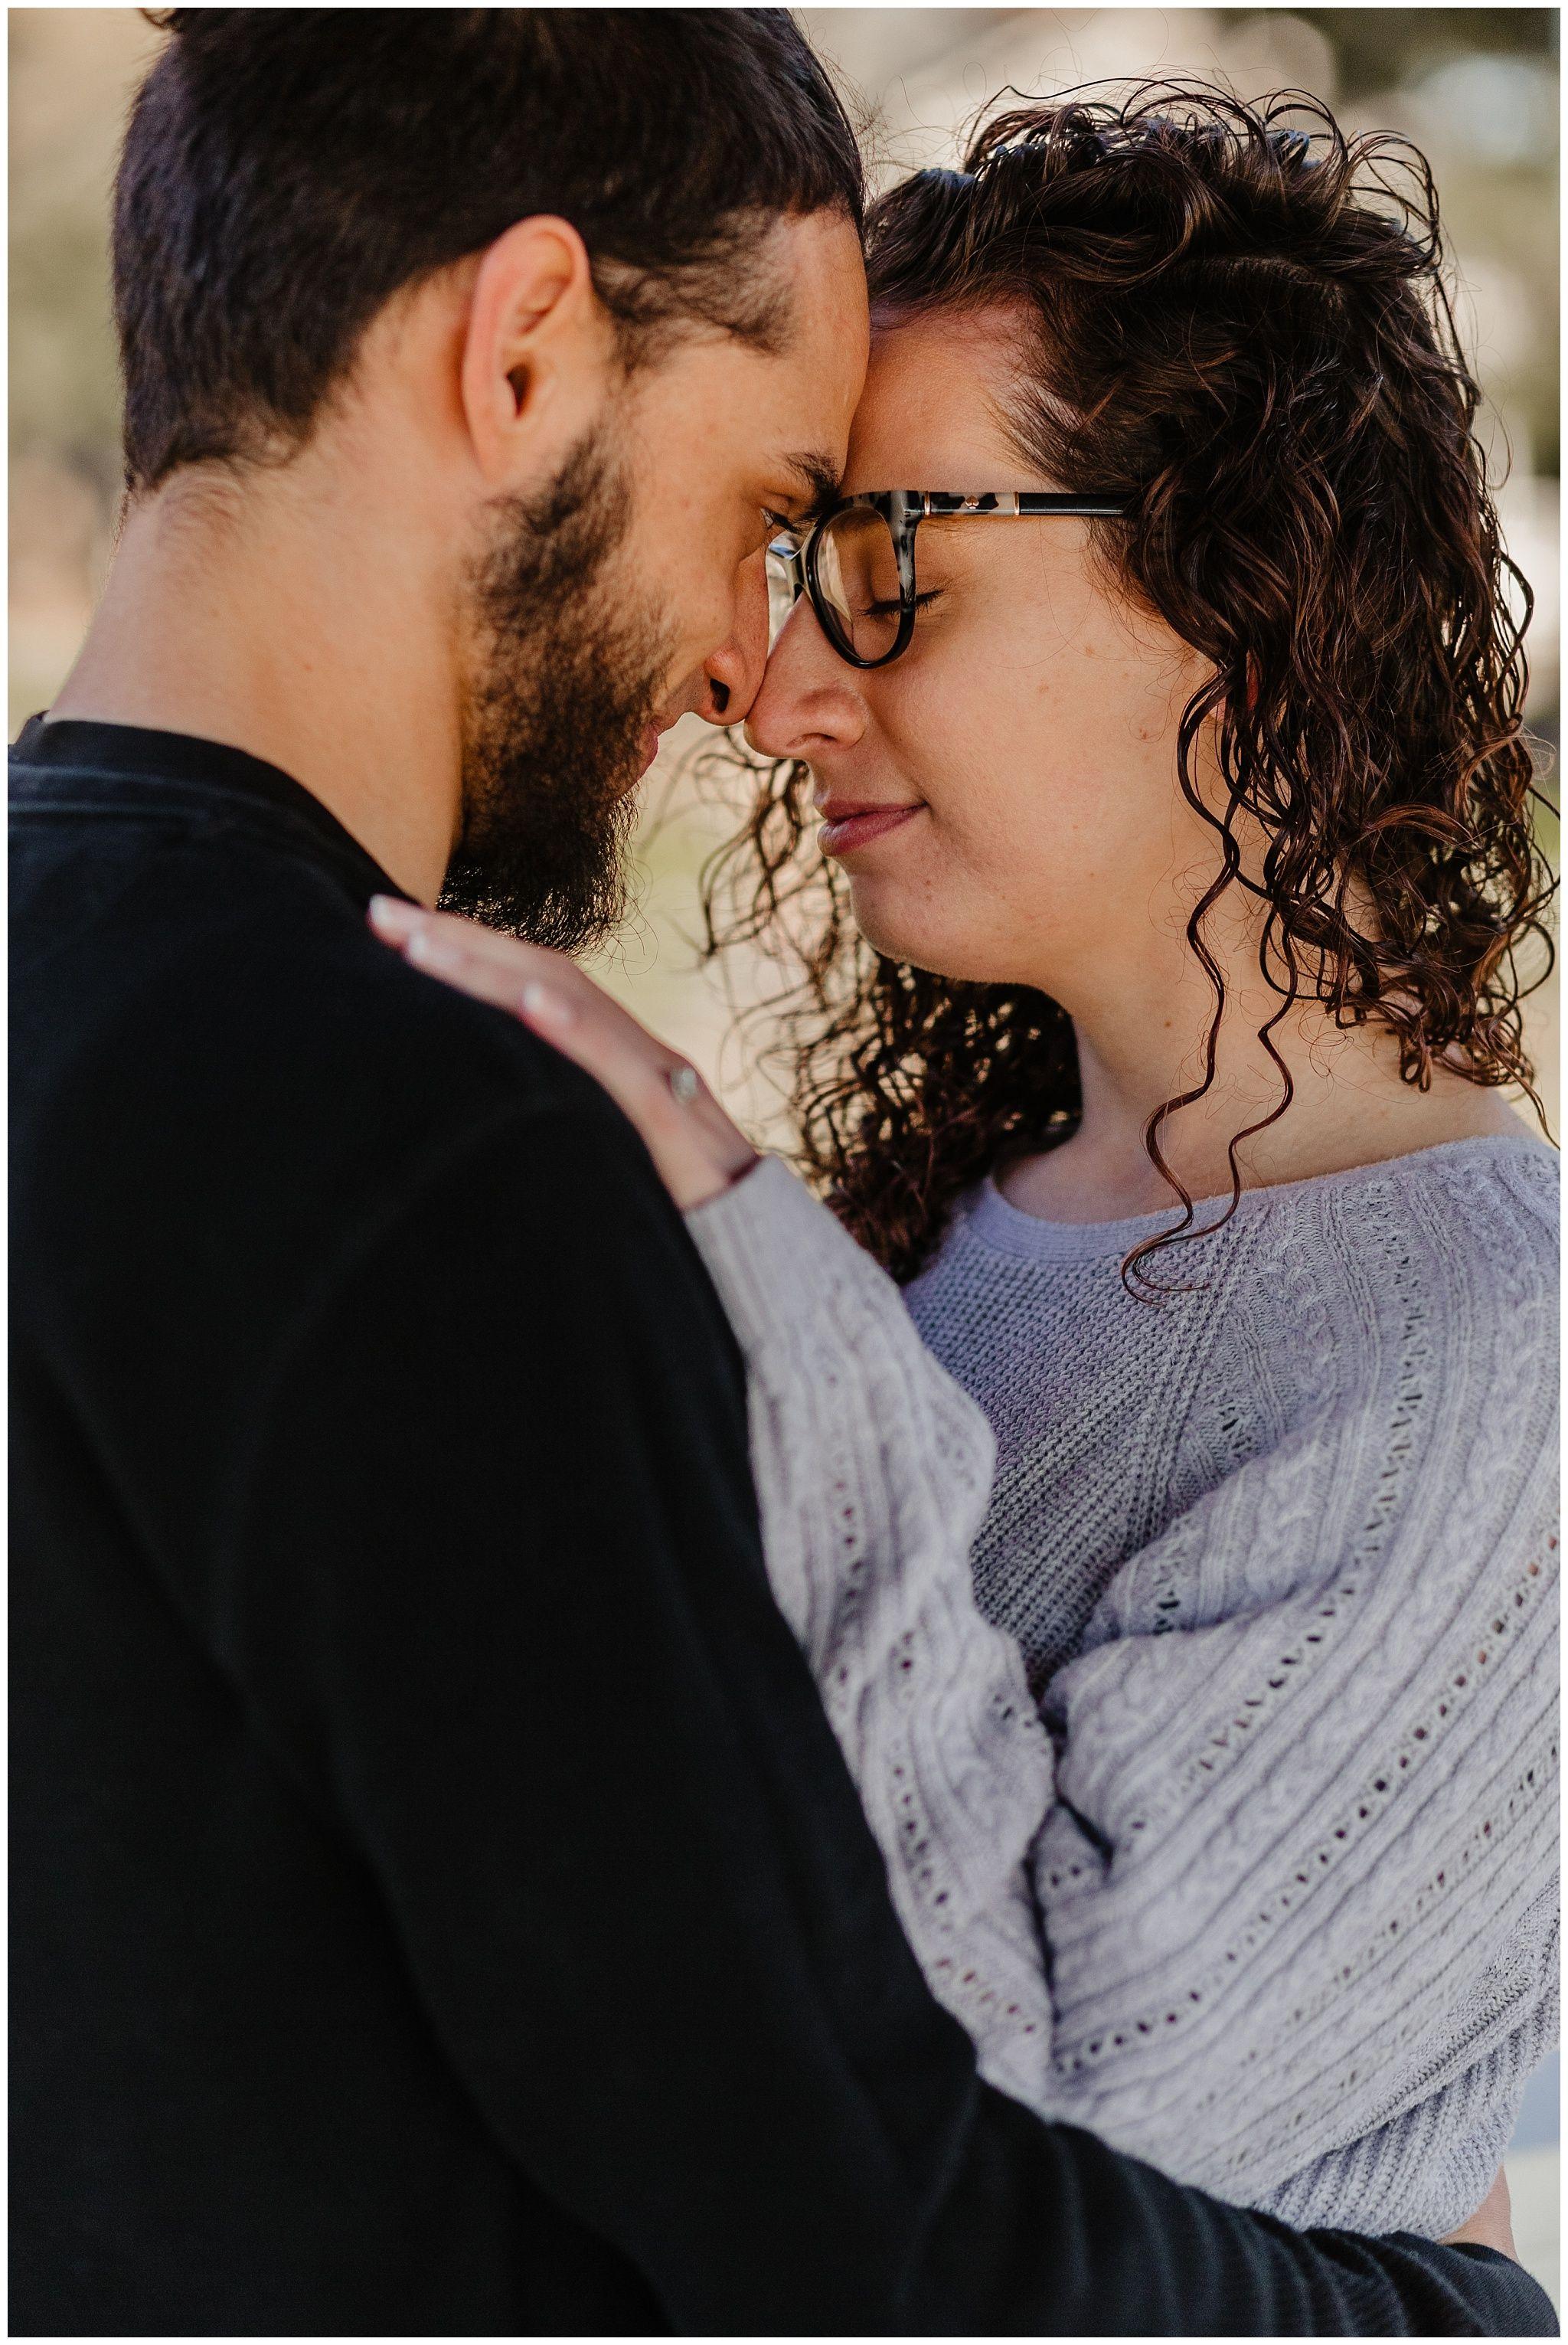 Vancouver WA dating eerste date ideeën voor online dating profiel